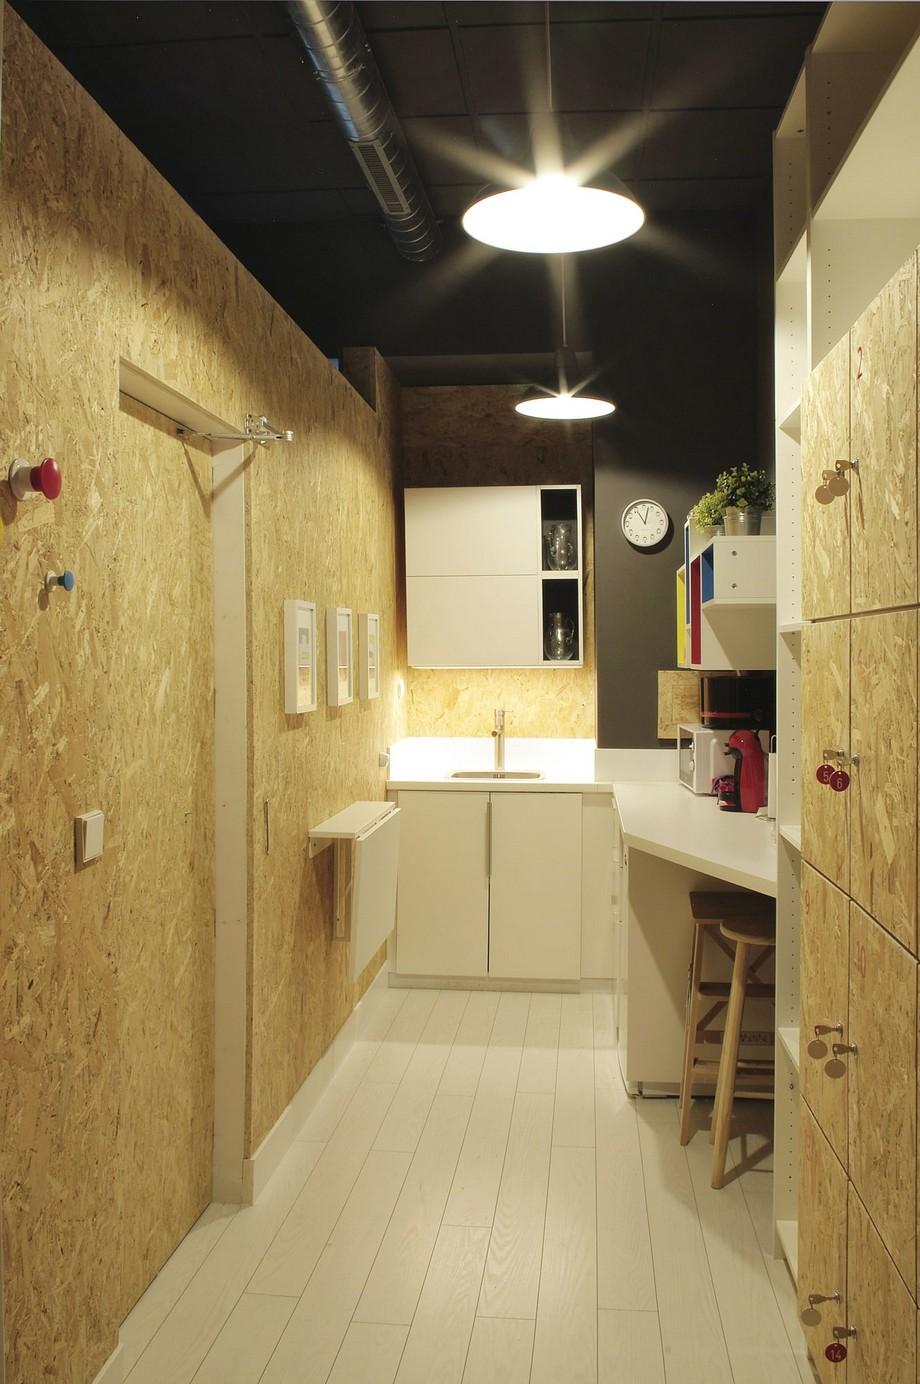 Đặc biệt không thể thiếu là khu vực nấu bếp cùng với toàn bộ đồ dùng cần thiết trong khoang bếp nhỏ